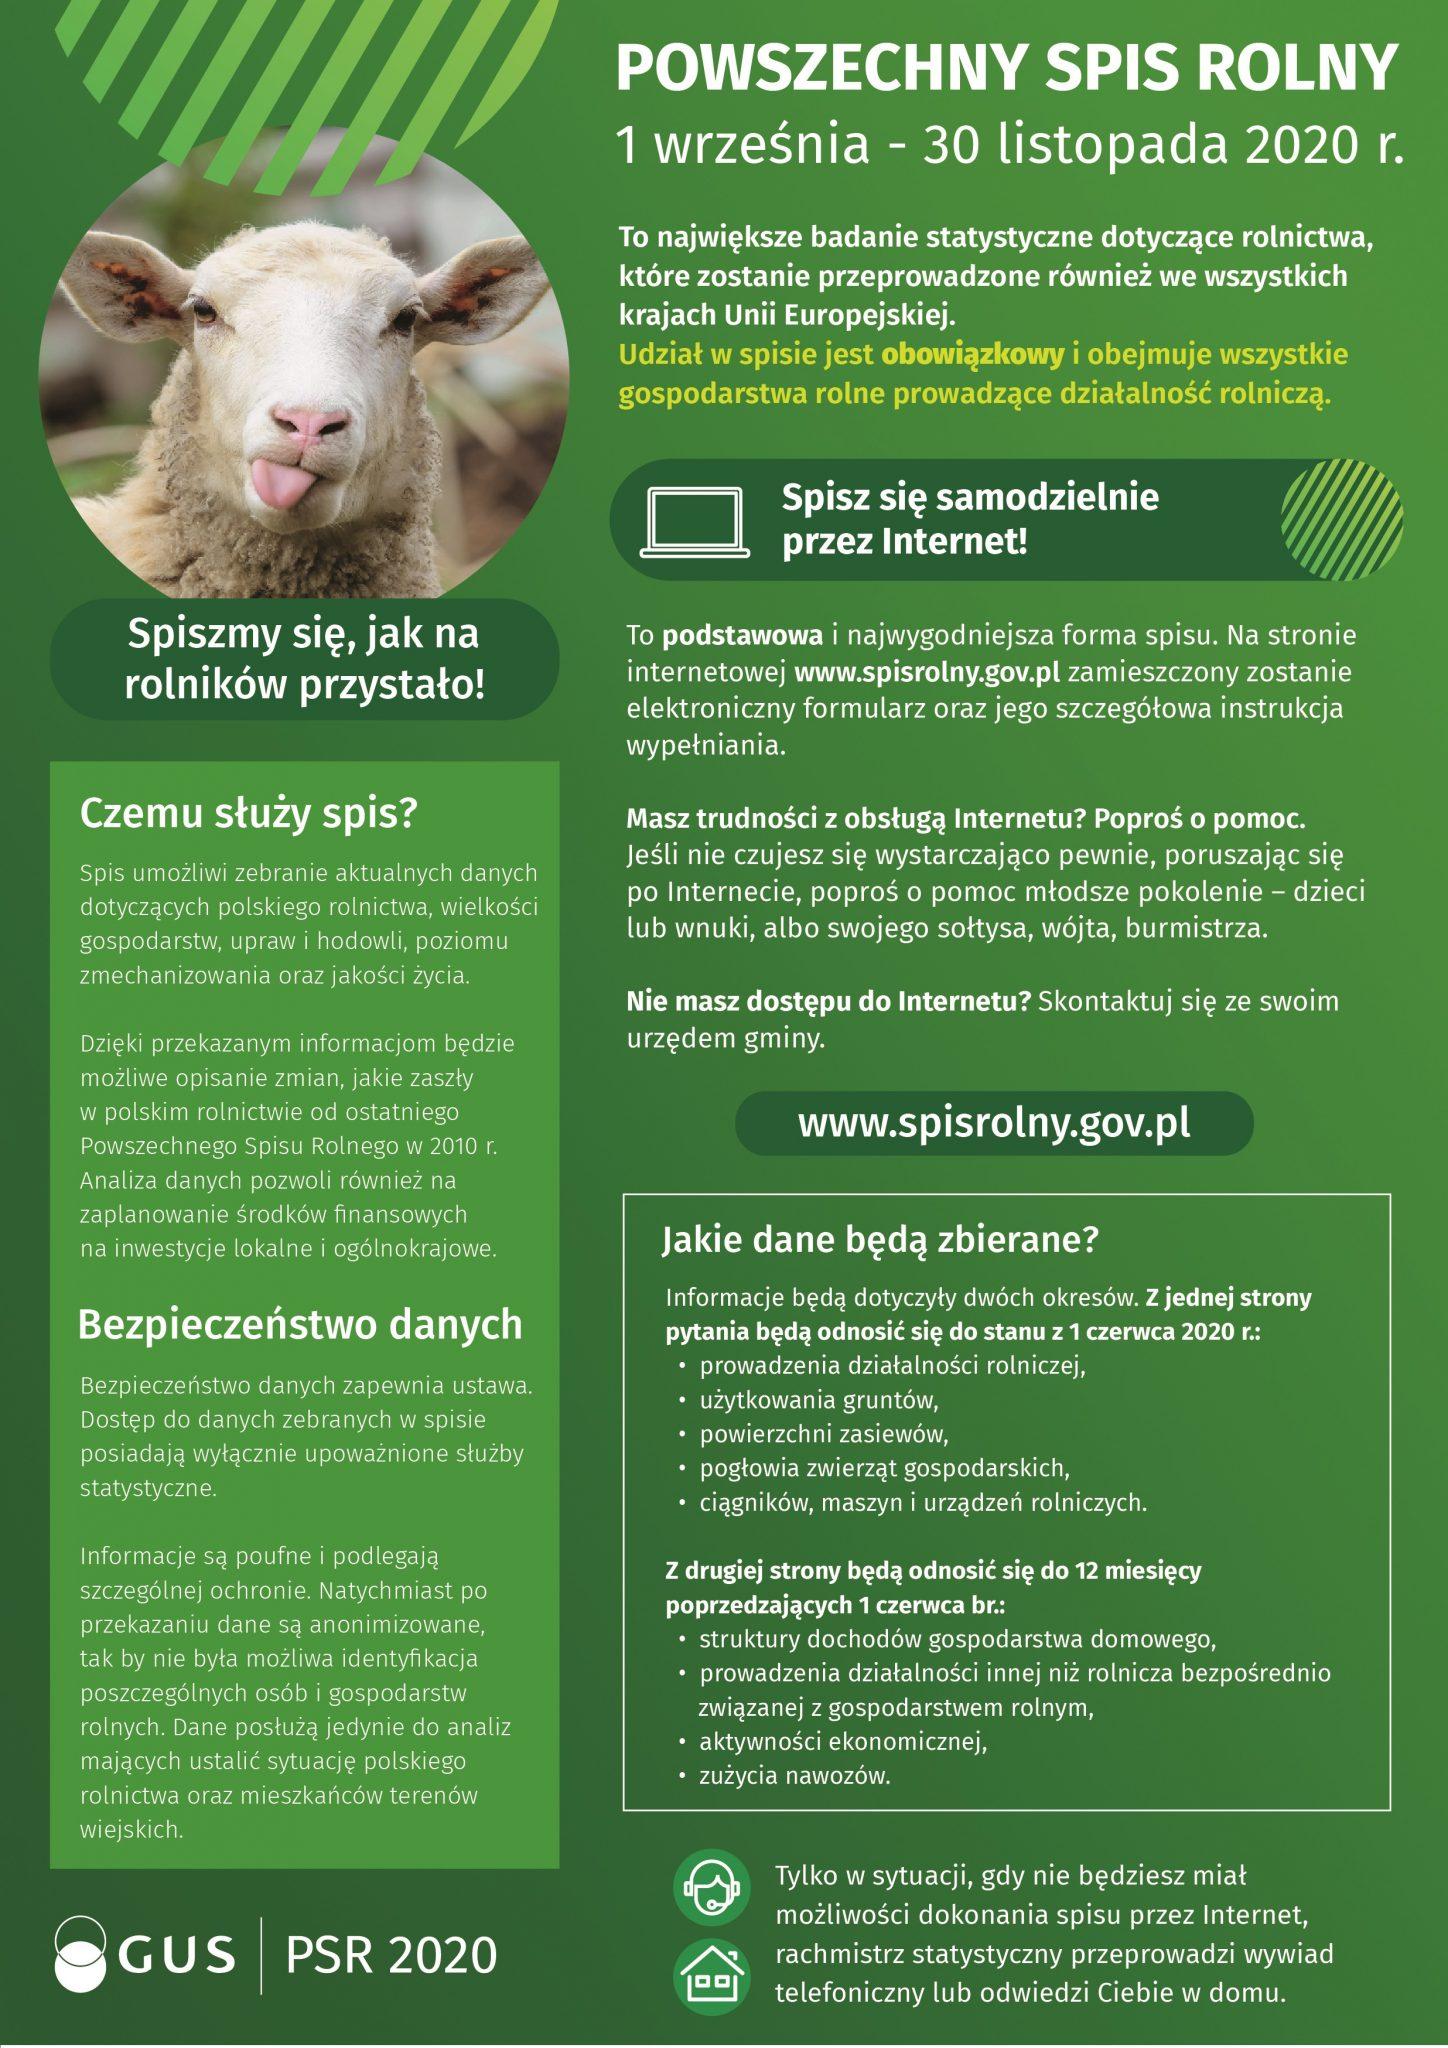 Czemu służy spis? Spis umożliwi zebranie aktualnych danych dotyczących polskiego rolnictwa, wielkości gospodarstw, upraw i hodowli, poziomu zmechanizowania oraz jakości życia. Dzięki przekazanym informacjom będzie możliwe opisanie zmian, jakie zaszły w polskim rolnictwie od ostatniego Powszechnego Spisu Rolnego w 2010 r. Analiza danych pozwoli również na zaplanowanie środków finansowych na inwestycje lokalne i ogólnokrajowe. Bezpieczeństwo danych Bezpieczeństwo danych zapewnia ustawa. Dostęp do danych zebranych w spisie posiadają wyłącznie upoważnione służby statystyczne. Informacje są poufne i podlegają szczególnej ochronie. Natychmiast po przekazaniu dane są anonimizowane, tak by nie była możliwa identyfikacja poszczególnych osób i gospodarstw rolnych. Dane posłużą jedynie do analiz mających ustalić sytuację polskiego rolnictwa oraz mieszkańców terenów wiejskich. Wstęp Powszechny Spis Rolny 2020 to największe badanie statystyczne dotyczące rolnictwa, które zostanie przeprowadzone we wszystkich krajach Unii Europejskiej. Do jego wykonania zobowiązuje nas Komisja Europejska. W Polsce będzie miał miejsce od 1 września do 30 listopada. Udział w spisie jest obowiązkowy i obejmuje wszystkie gospodarstwa rolne prowadzące działalność rolniczą. Spisz się przez Internet To podstawowa i najwygodniejsza forma spisu. Na stronie internetowej www.spisrolny.gov.pl zamieszczony zostanie elektroniczny formularz oraz jego szczegółowa instrukcja wypełniania. Masz trudności z obsługą Internetu? Poproś o pomoc. Jeśli nie czujesz się wystarczająco pewnie, poruszając się po Internecie, poproś o pomoc młodsze pokolenie – dzieci lub wnuki, albo swojego sołtysa, wójta, burmistrza. Nie masz dostępu do Internetu? Skontaktuj się ze swoim urzędem gminy. Jakie dane będą zbierane Informacje będą dotyczyły dwóch okresów. Z jednej strony pytania będą odnosić się do stanu z 1 czerwca 2020 r.: • prowadzenia działalności rolniczej, • użytkowania gruntów, • powierzchni zasiewów, • pogłowia zwierząt gos